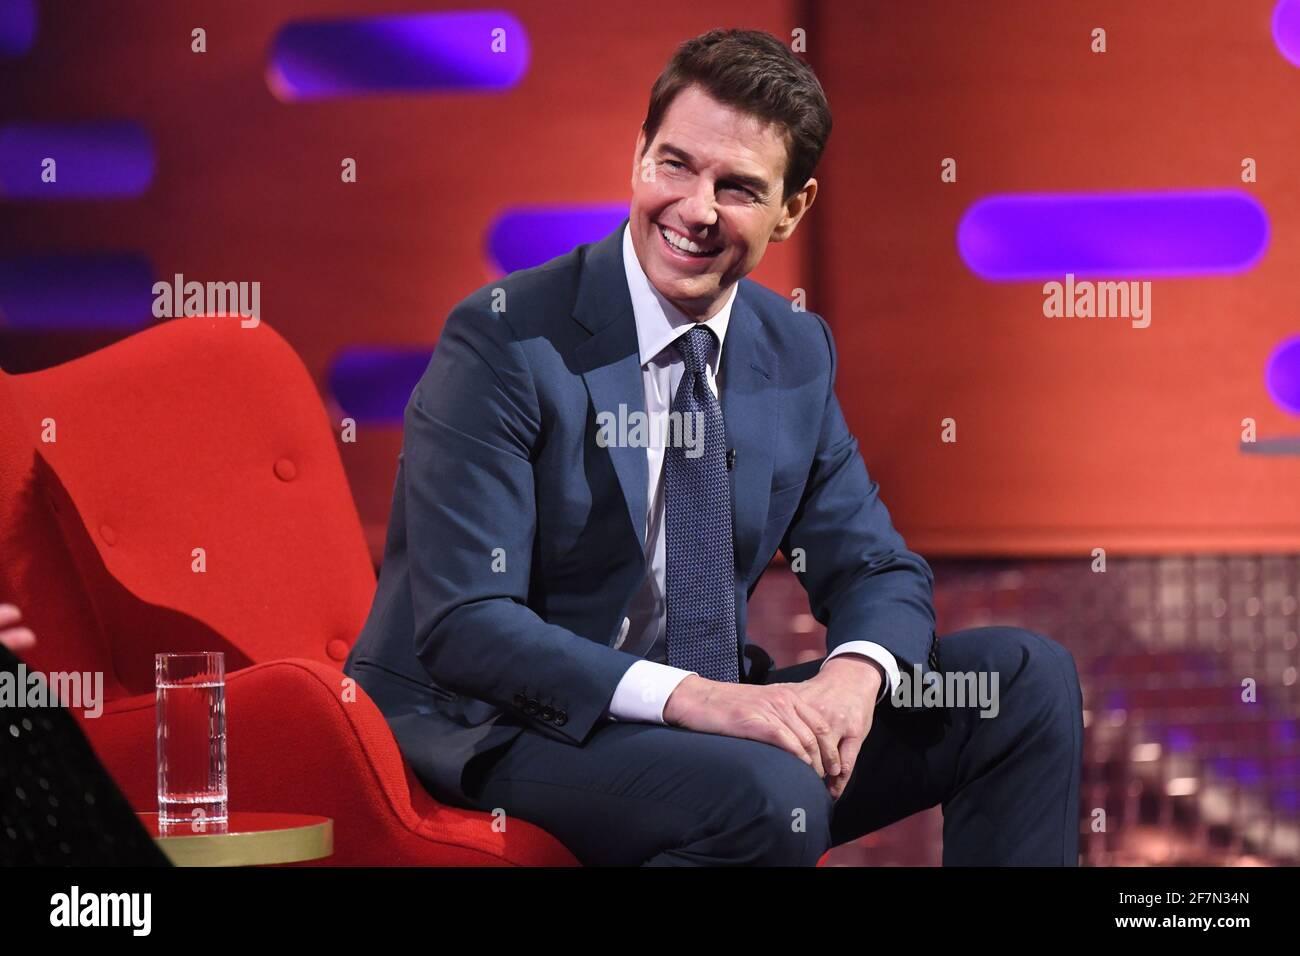 USO EDITORIALE SOLO Tom Cruise durante le riprese per il Graham Norton Show presso il BBC Studioworks 6 Television Center, Wood Lane, Londra, che sarà trasmesso sulla BBC One il venerdì sera. Foto Stock